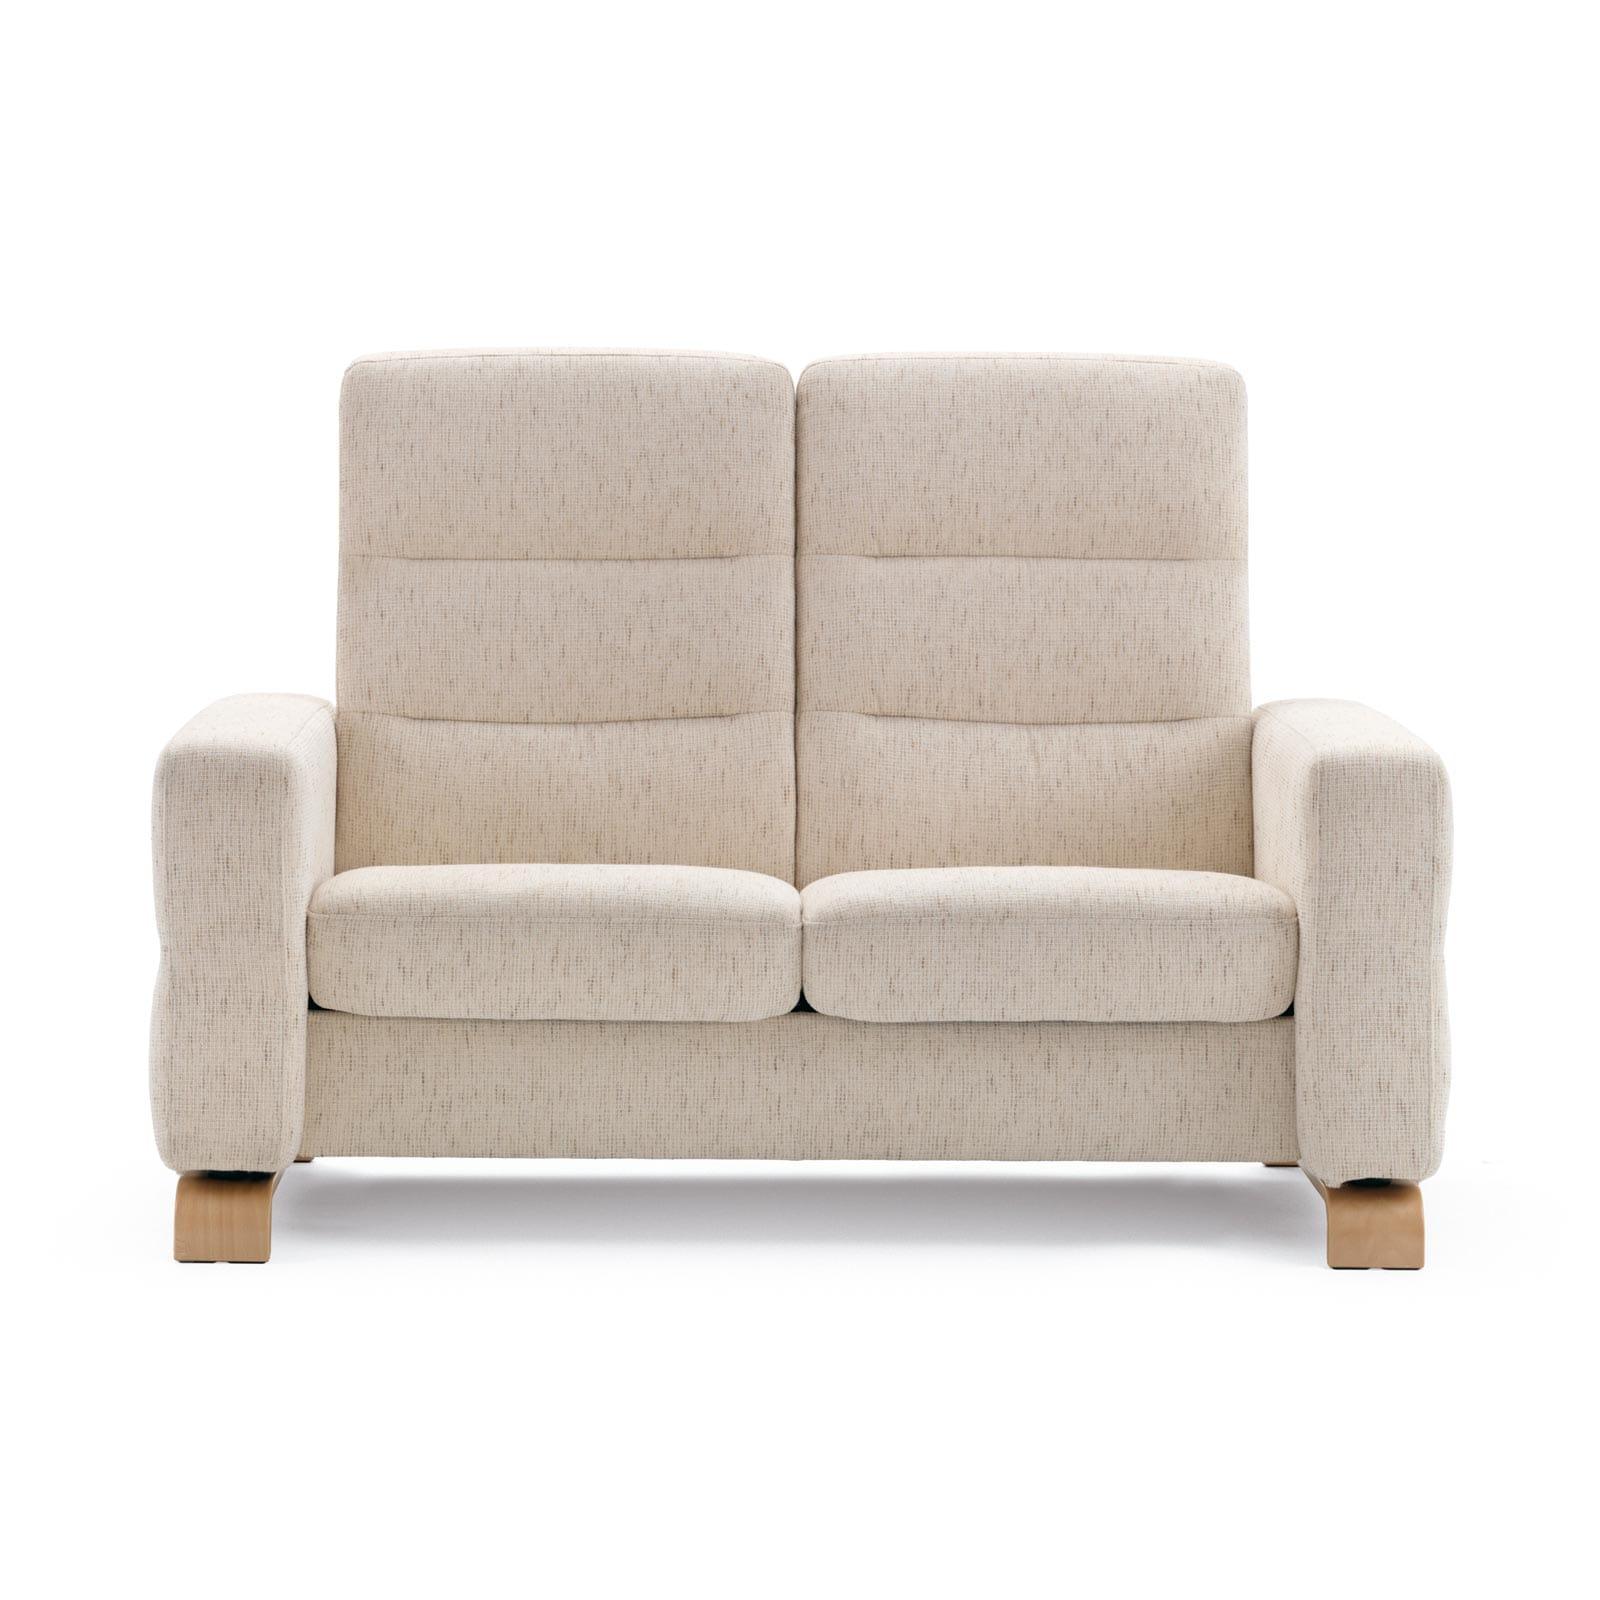 stressless sofa 2 sitzer wave m hoch silva light beige. Black Bedroom Furniture Sets. Home Design Ideas